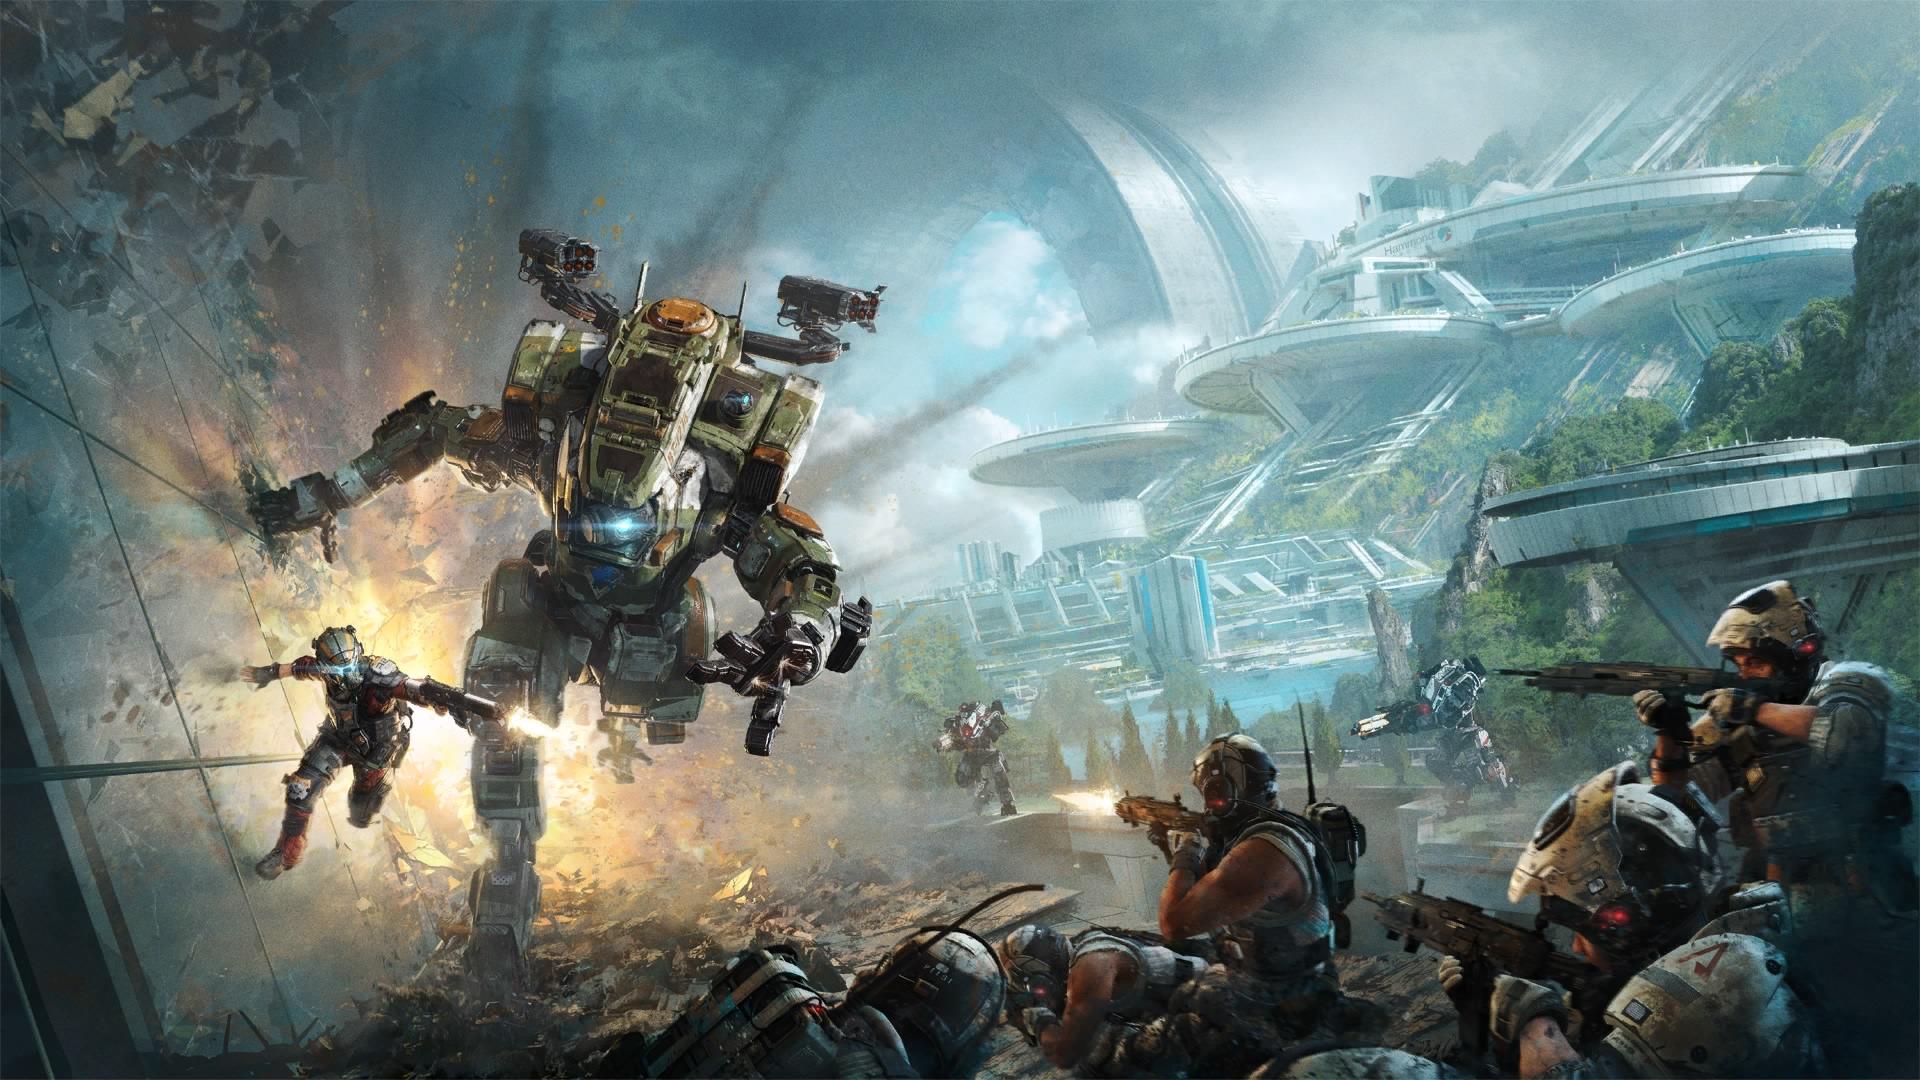 Обзор Titanfall 2 - Трейлер, геймплей и скриншоты